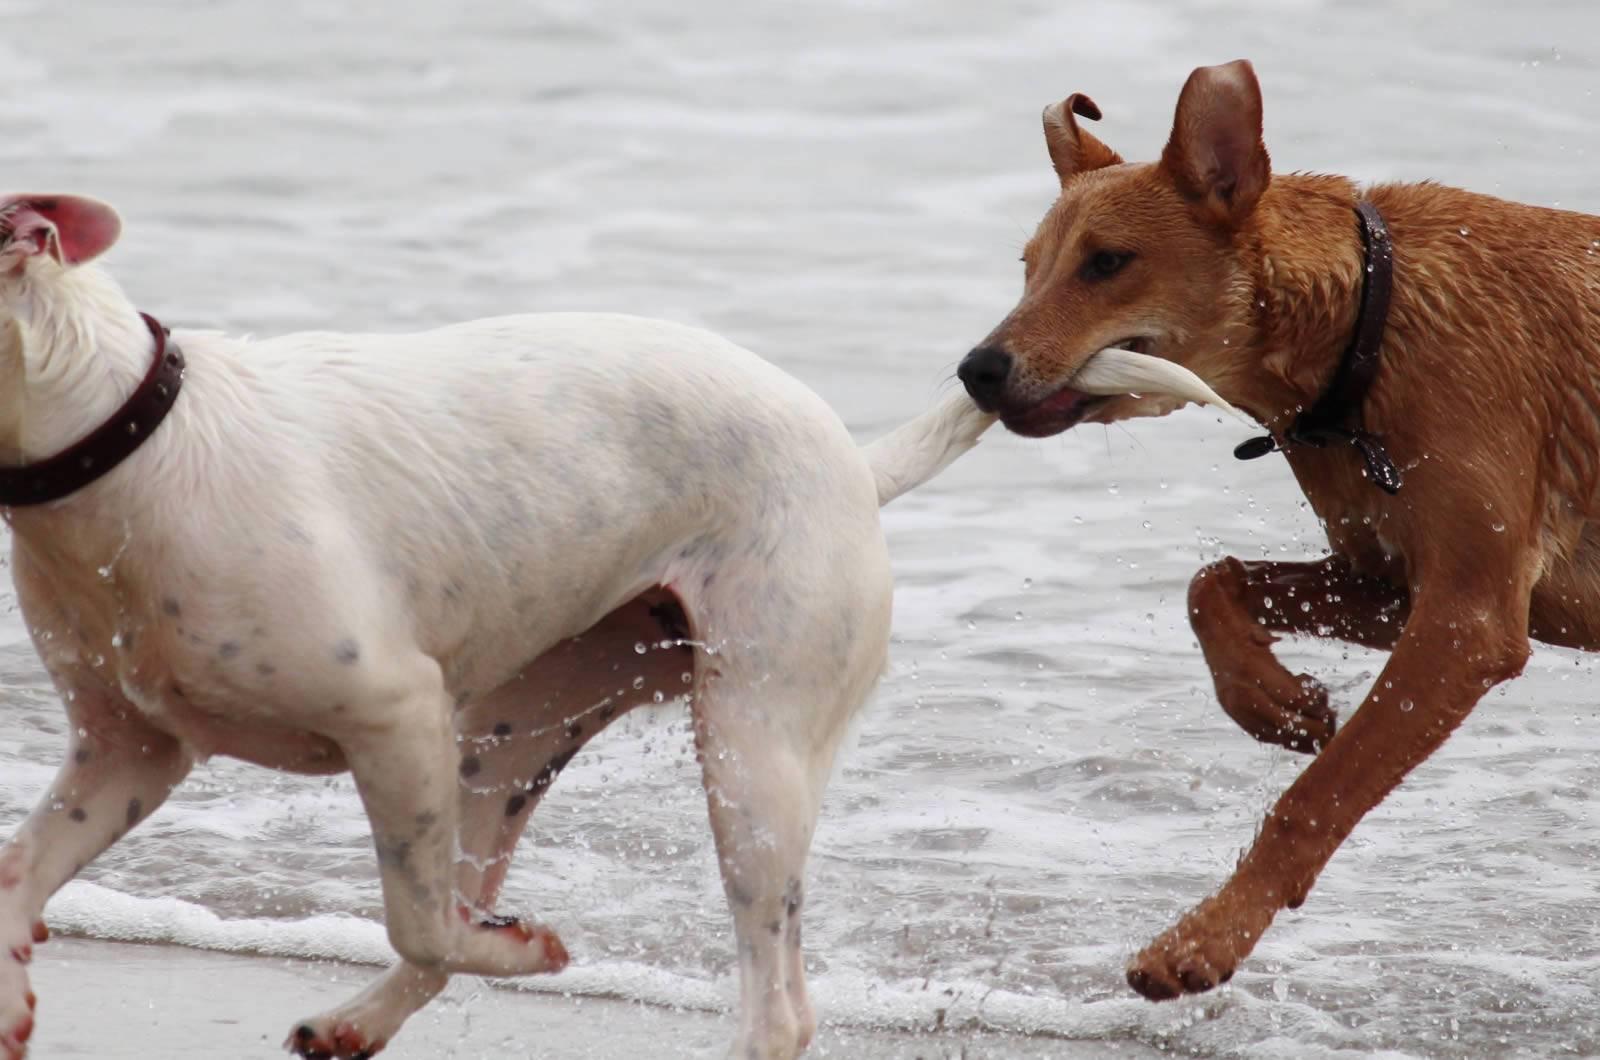 Собака гоняется за хвостом. баловство или тревожный симптом